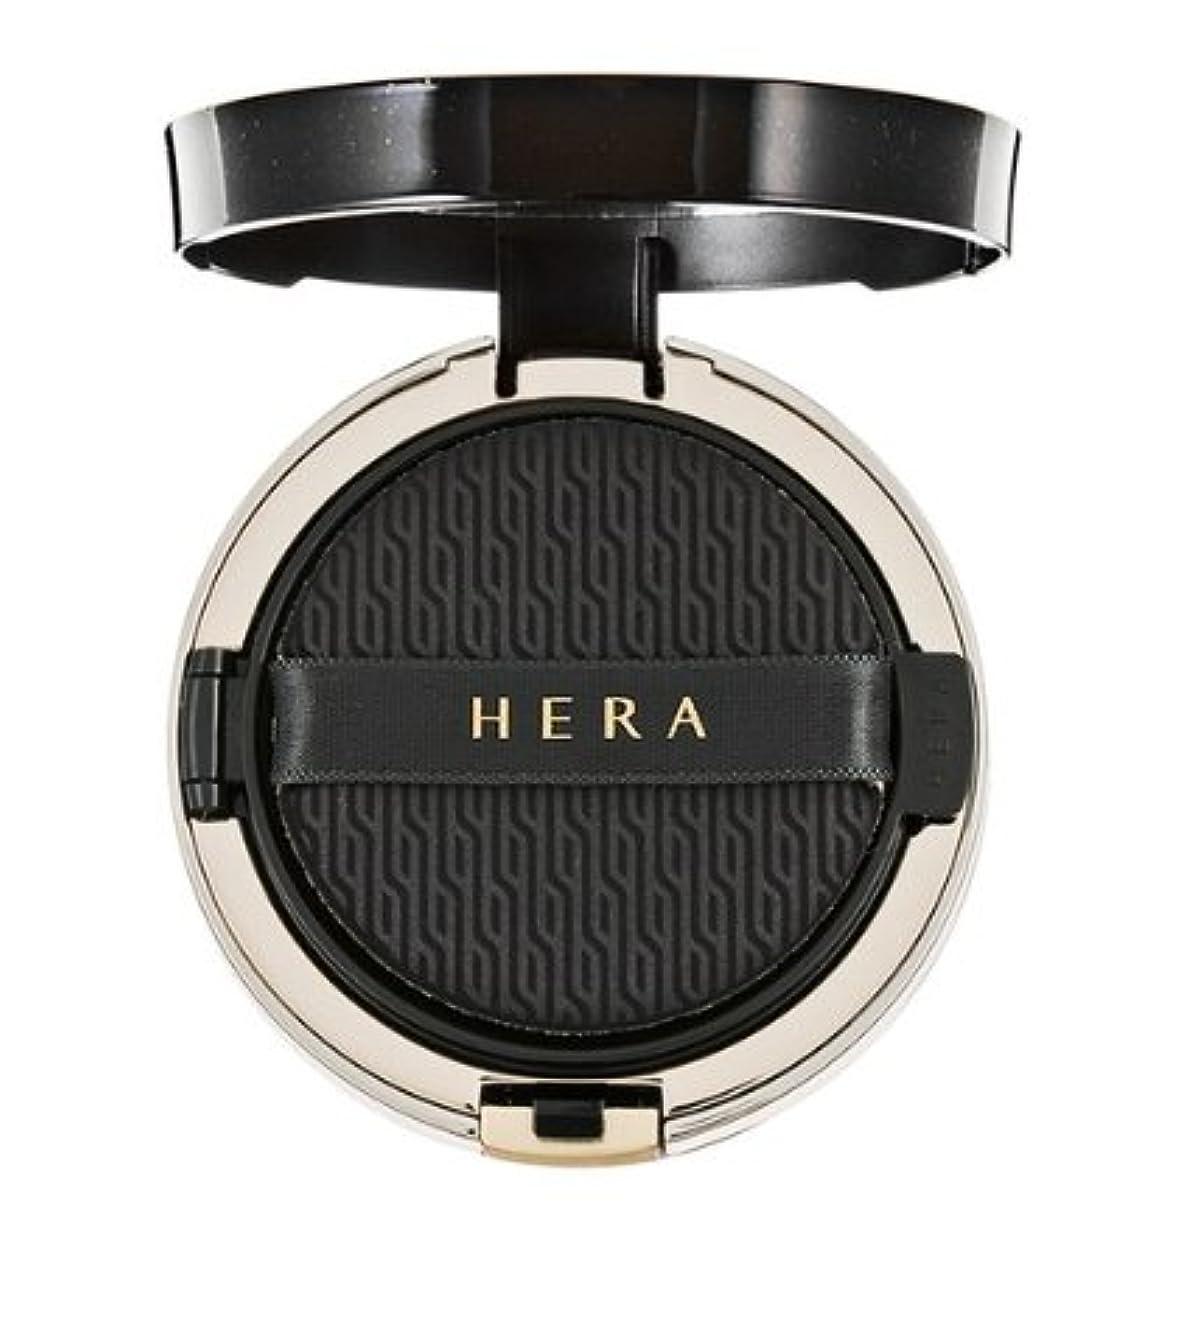 ネブモールス信号豚(ヘラ) Hera ブラッククッション SPF34/PA++ 本品15g+リフィール15g / Black Cushion SPF34/PA++ 15g+Refil15g (No.23 Beige) (韓国直発送) shumaman